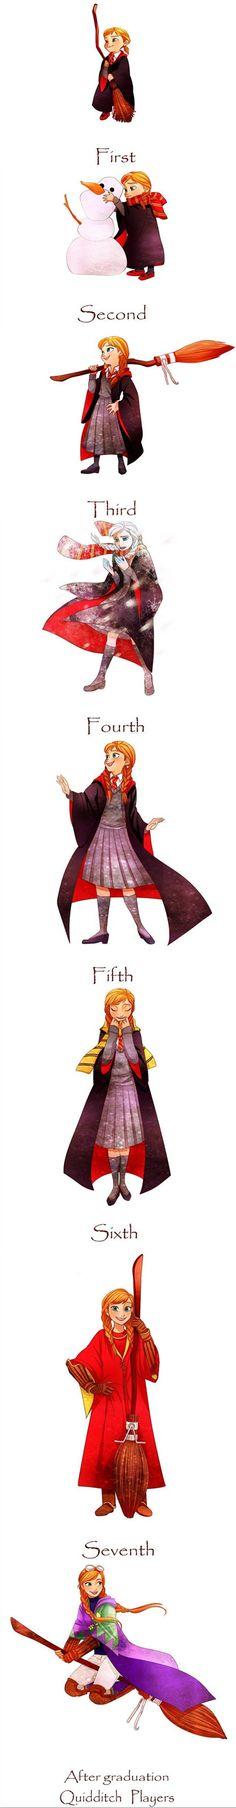 Anna at Hogwarts. Gryffindor